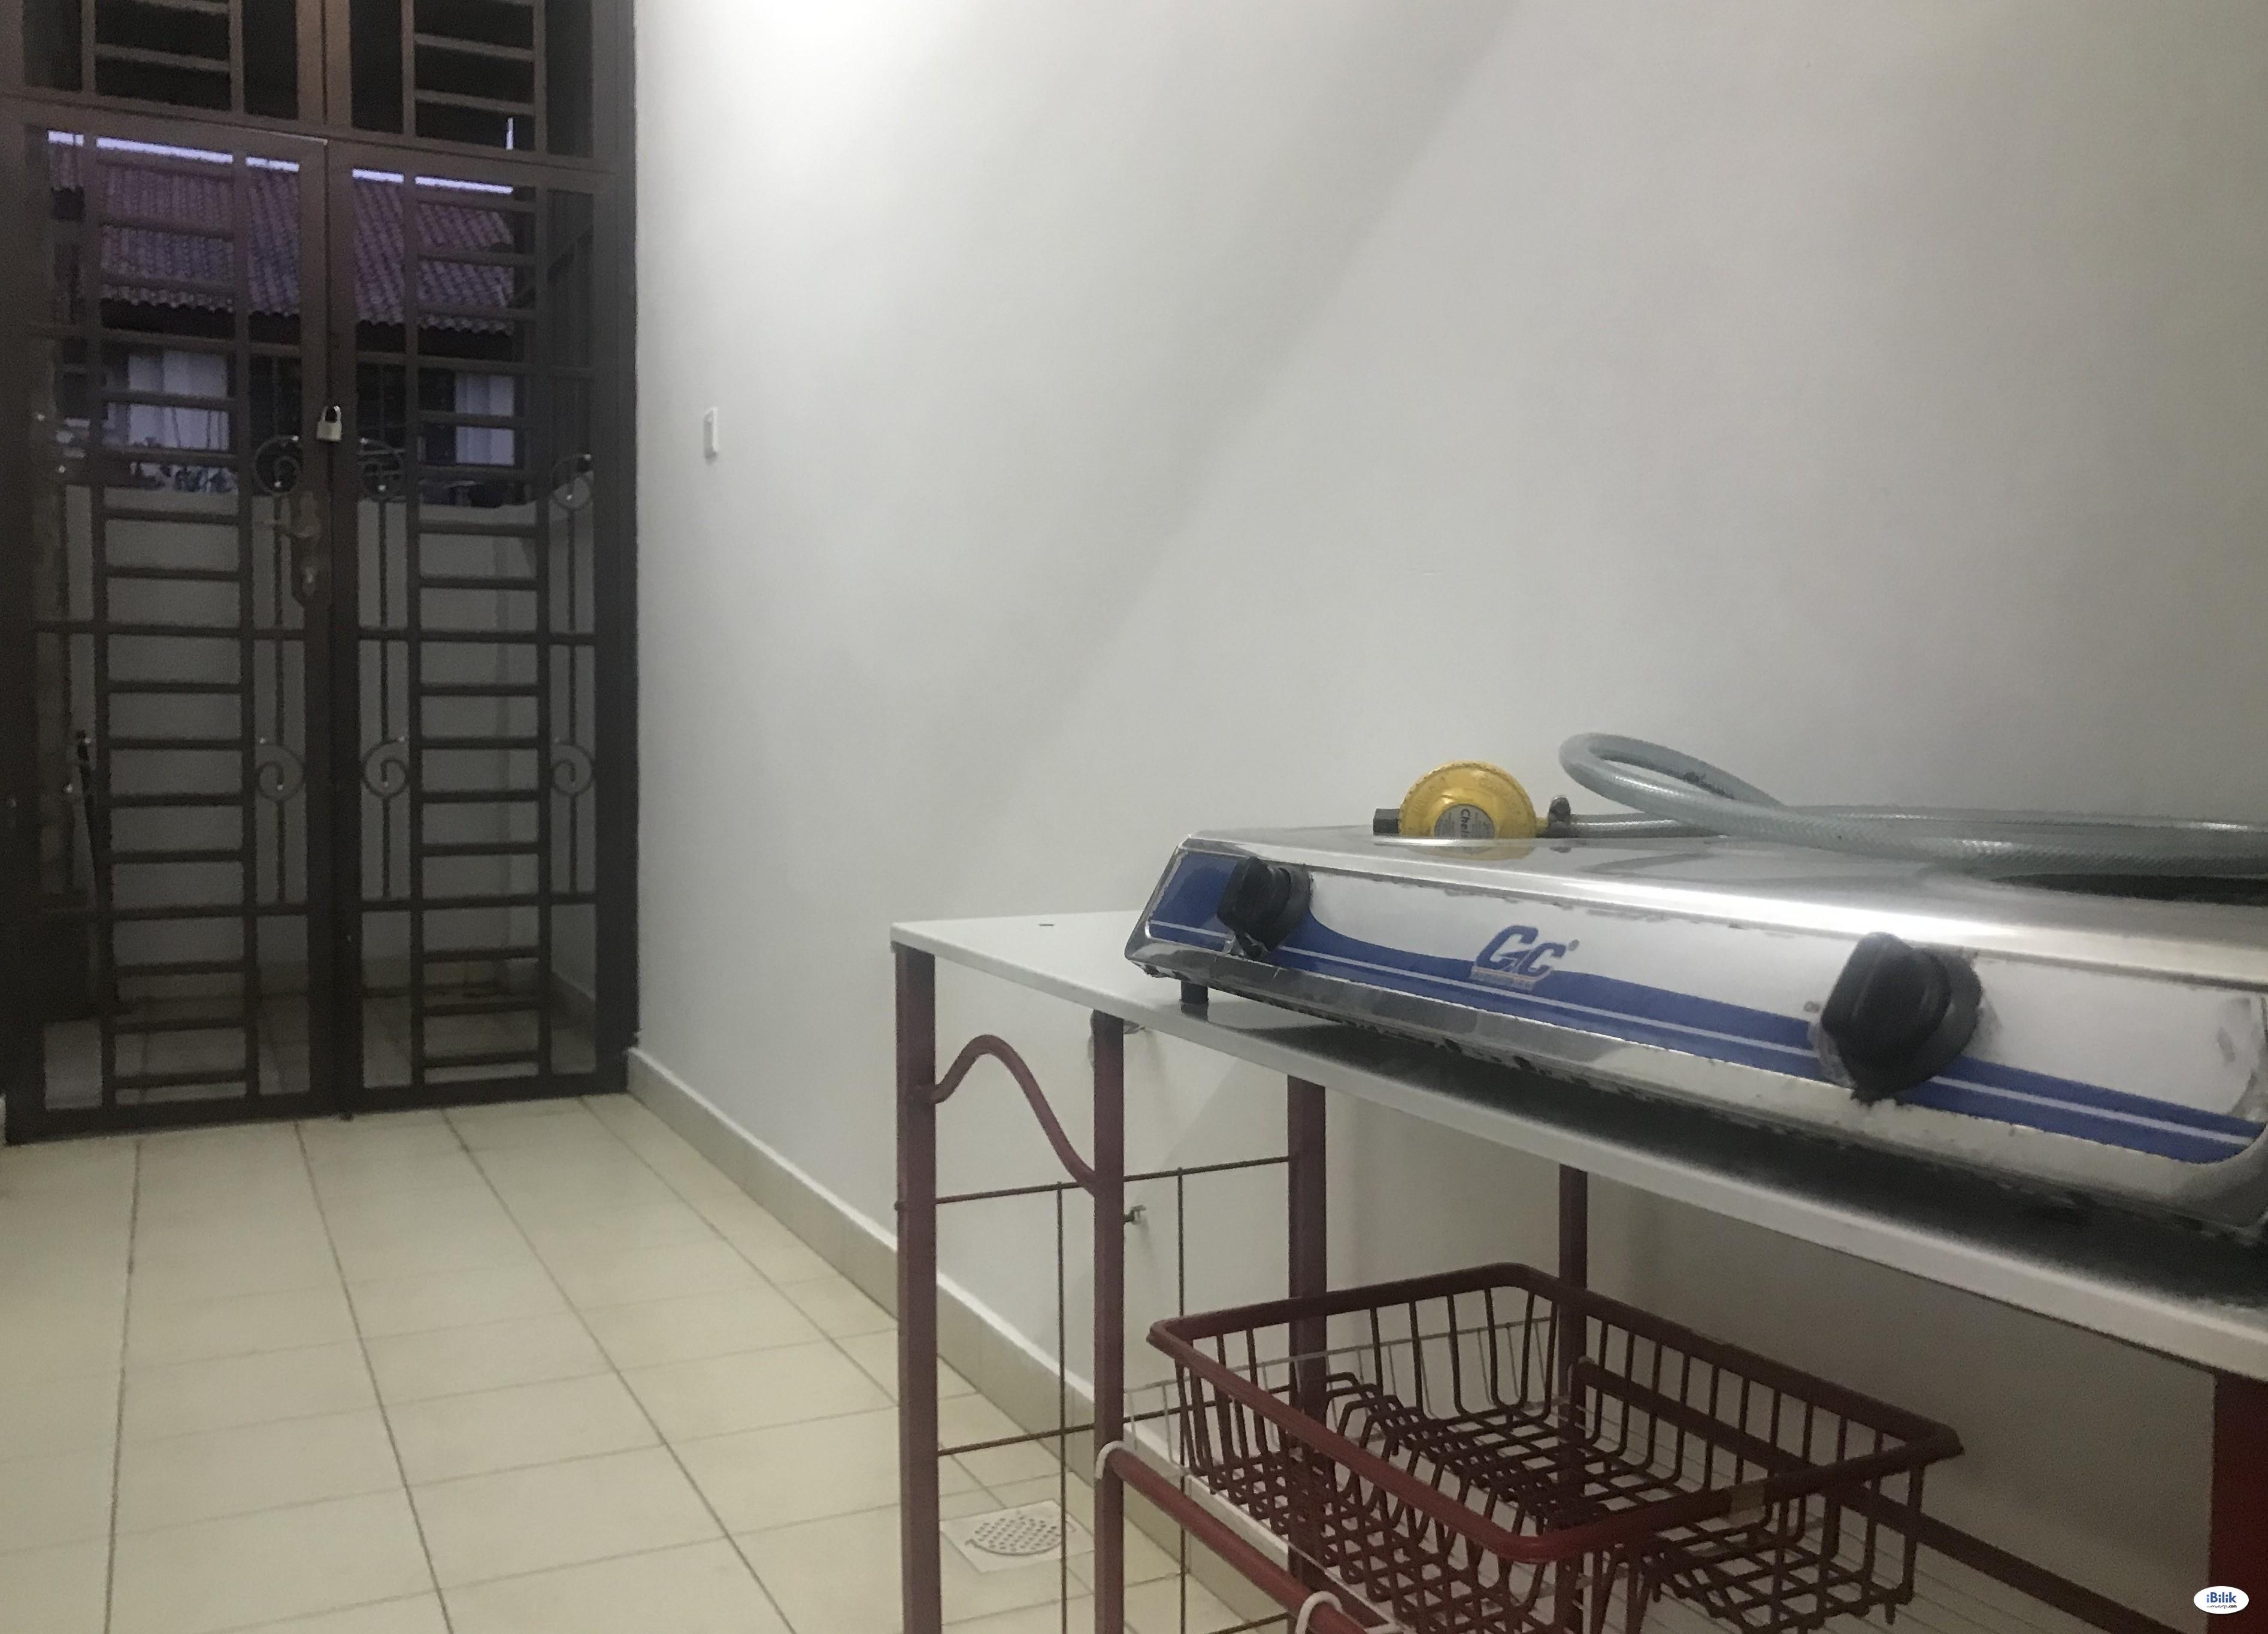 Bed - Dorm Room at Bandar Dato Onn, Tebrau